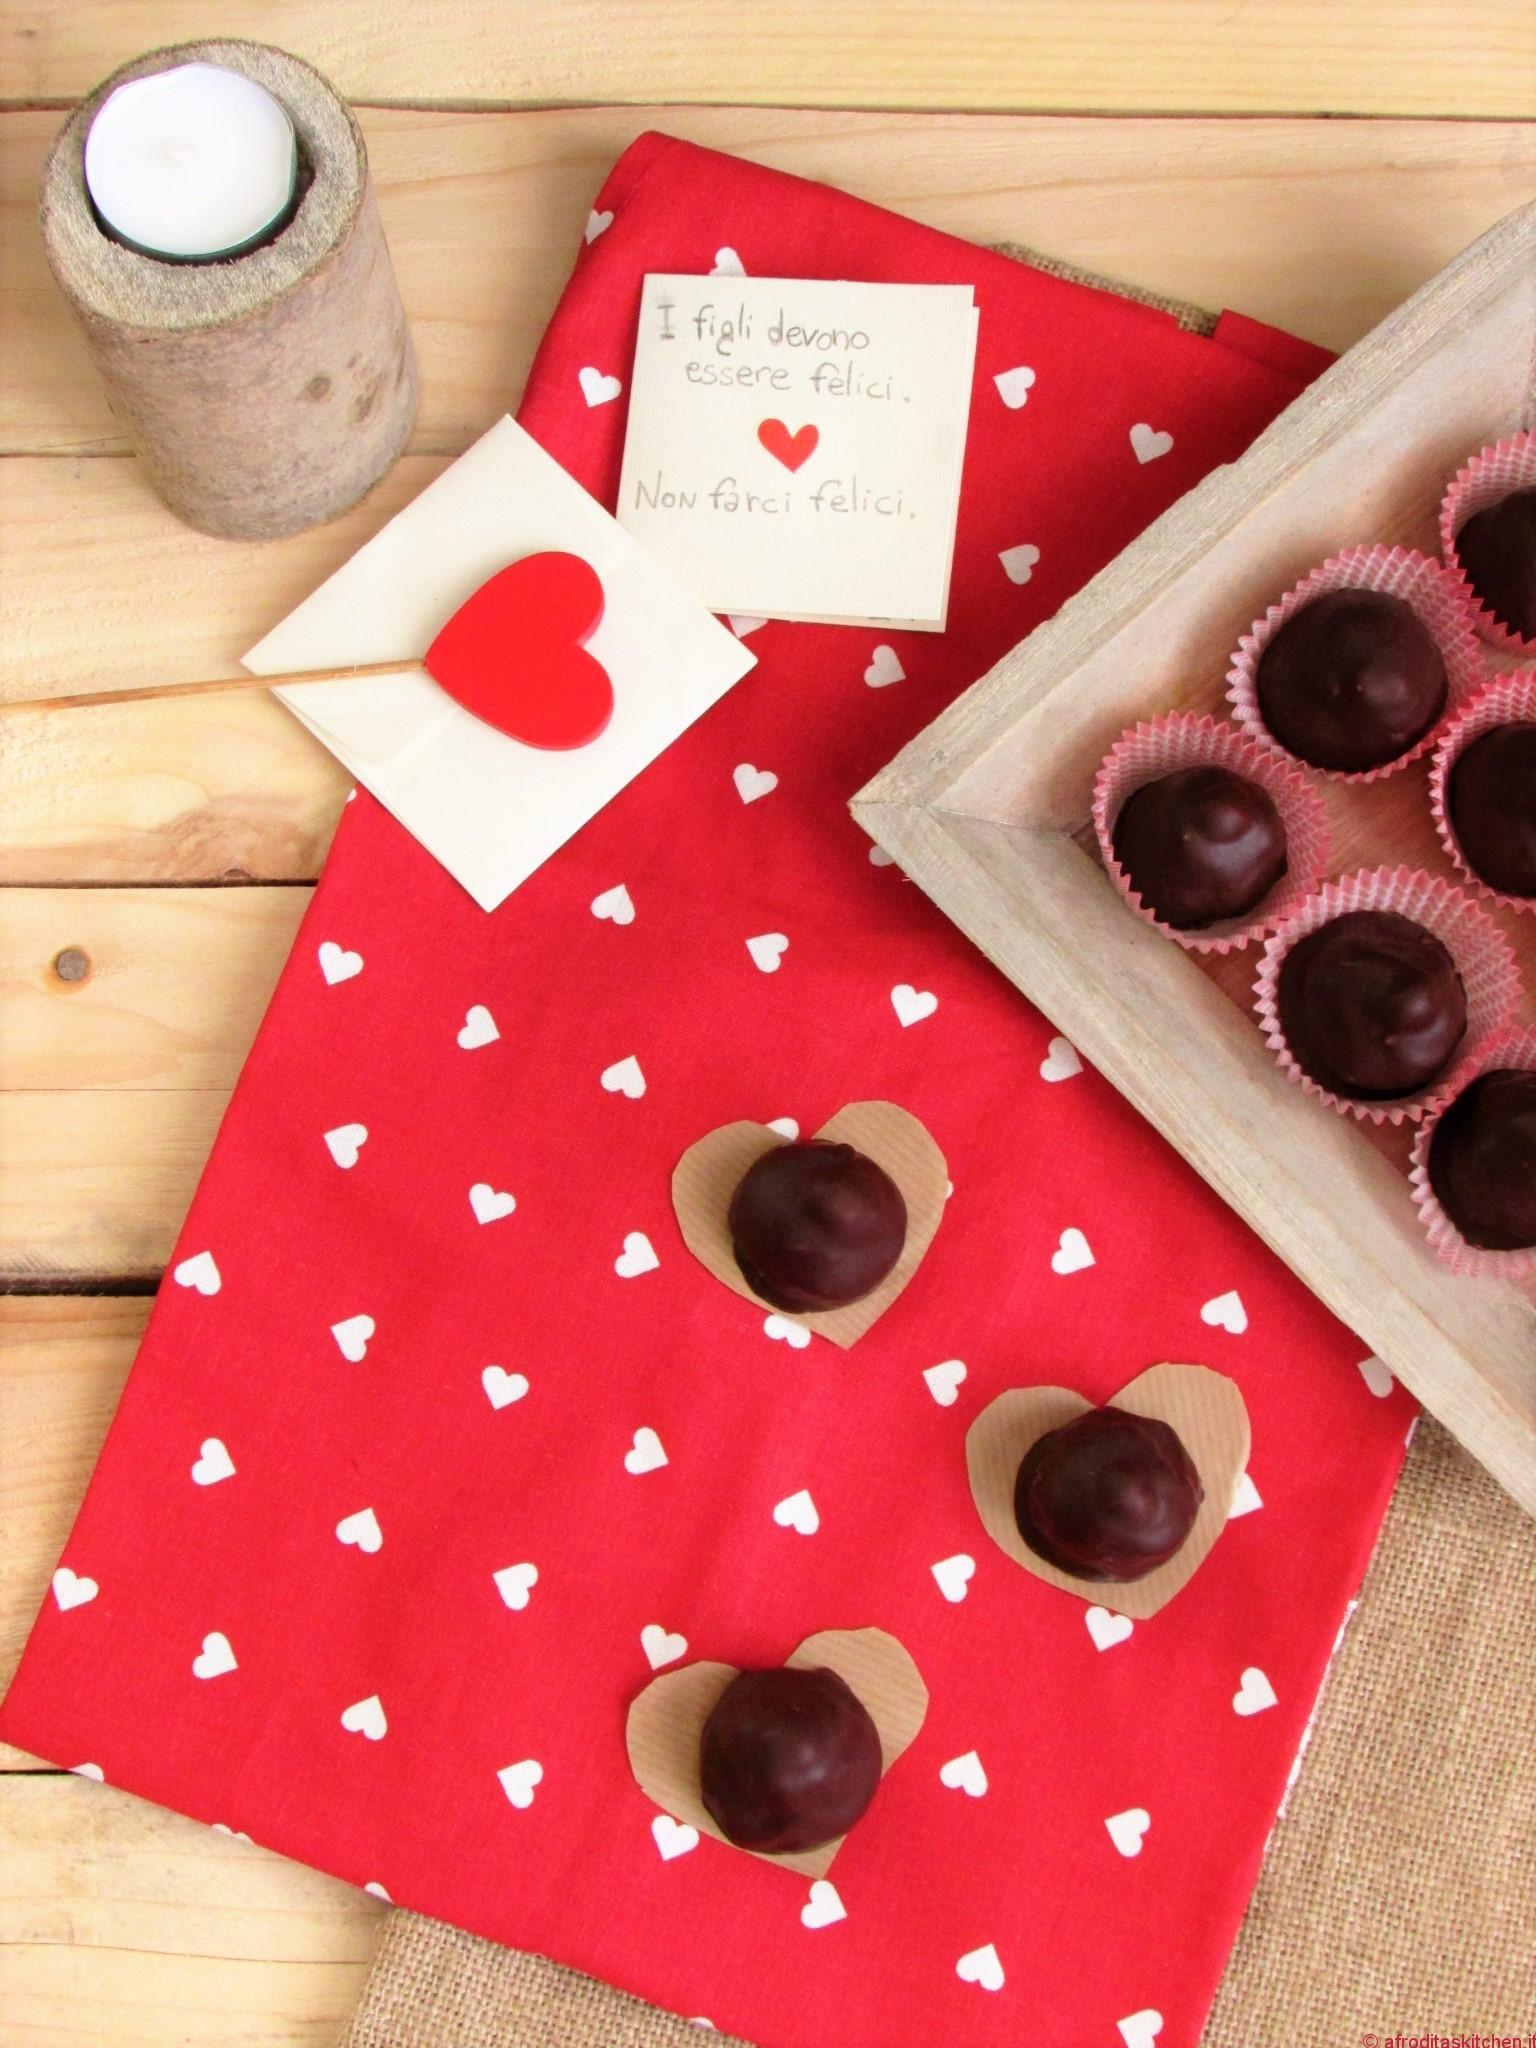 Baci al cioccolato fondente con cuore morbido al cioccolato bianco, pepe rosa e mirtilli rossi